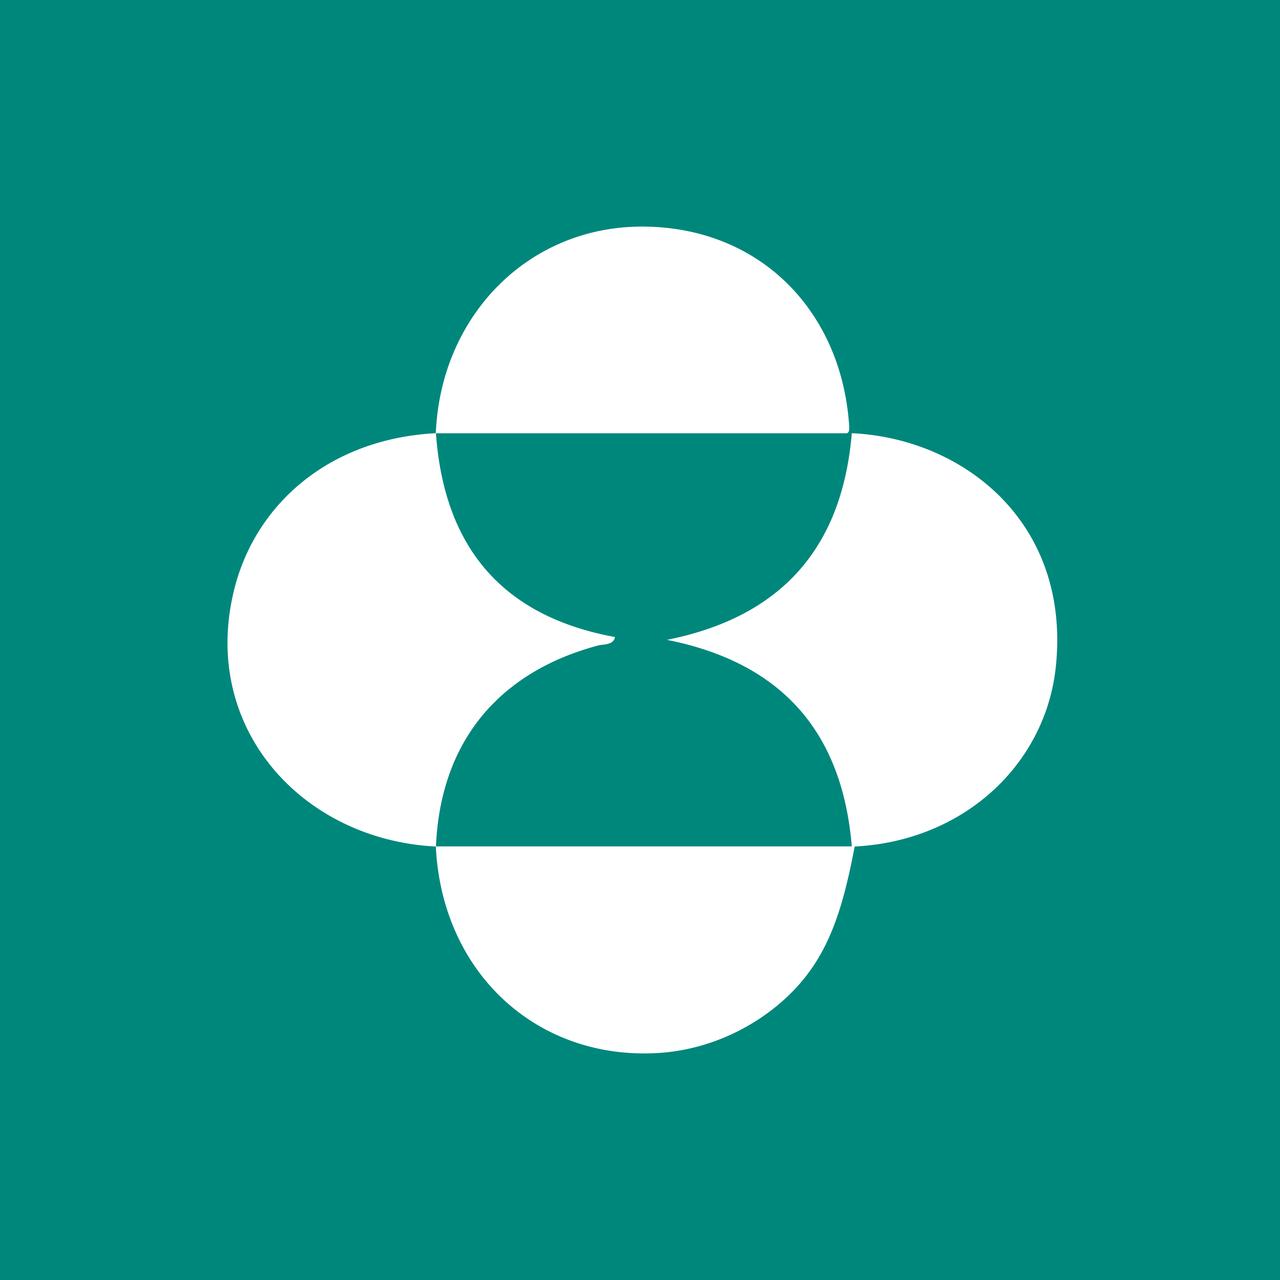 Merck Designer Audrey Krauss And Steff Geissbuhler Firm Chermayeff Geismar Usa Year 1991 Identity Design Logo Branding Design Logo Design